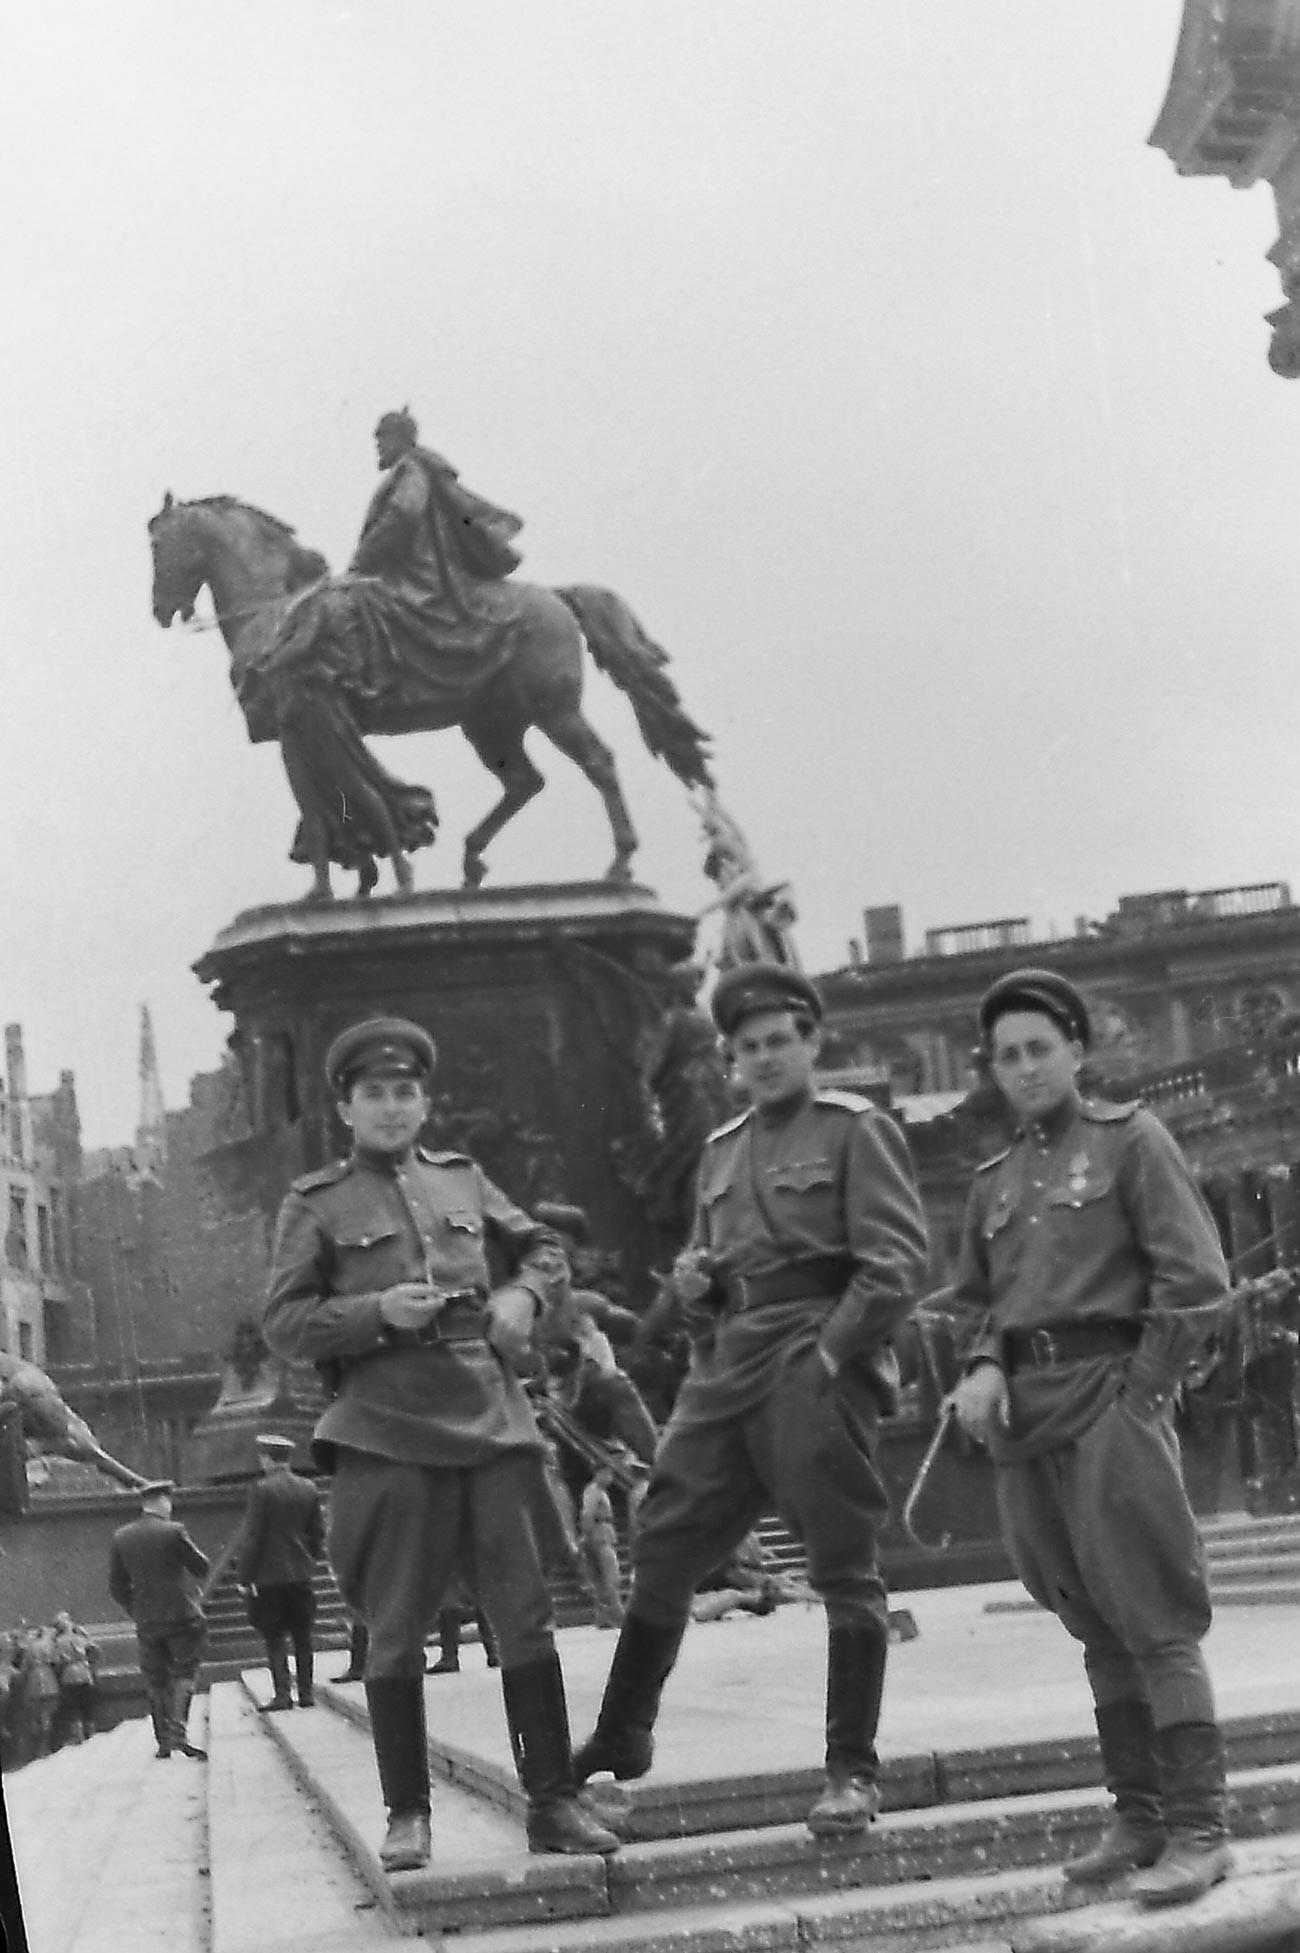 指揮官のレフ・サアコフ(中央)、戦場カメラマンのイリヤ・アロンスとミハイル・ポセリスキー。ベルリンにて。1945年6月。